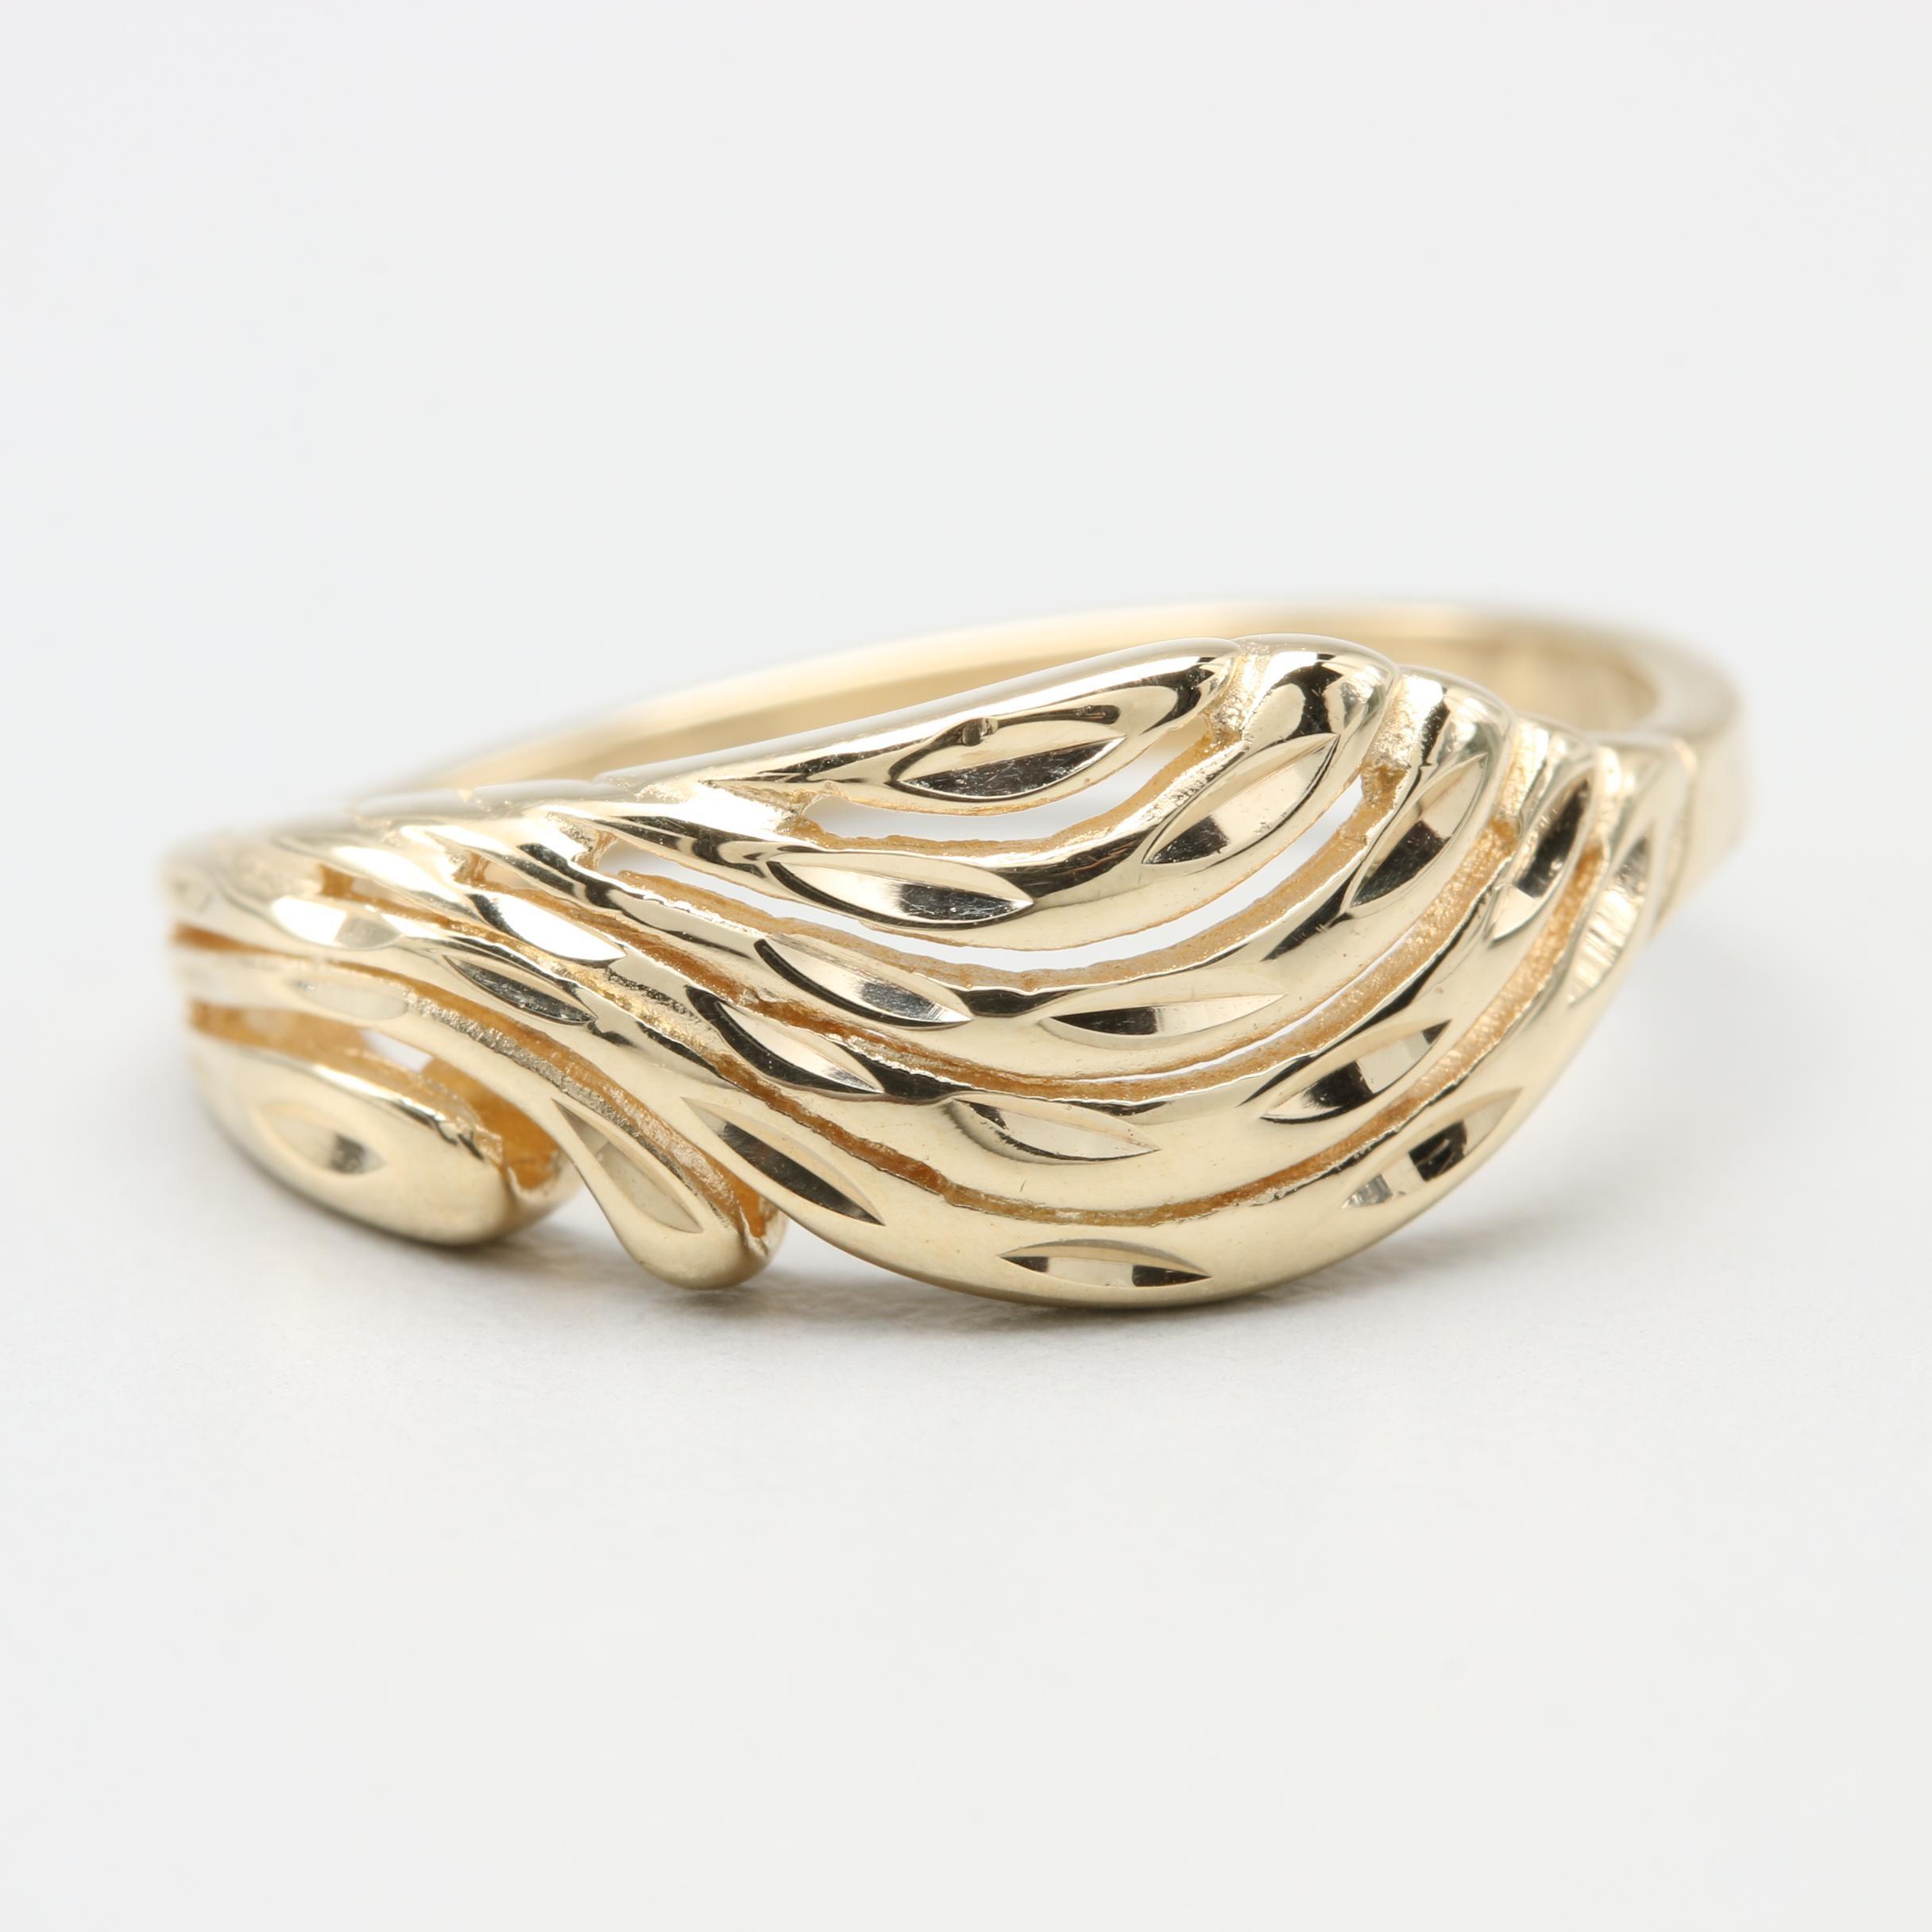 10K Yellow Gold Split Crown Ring